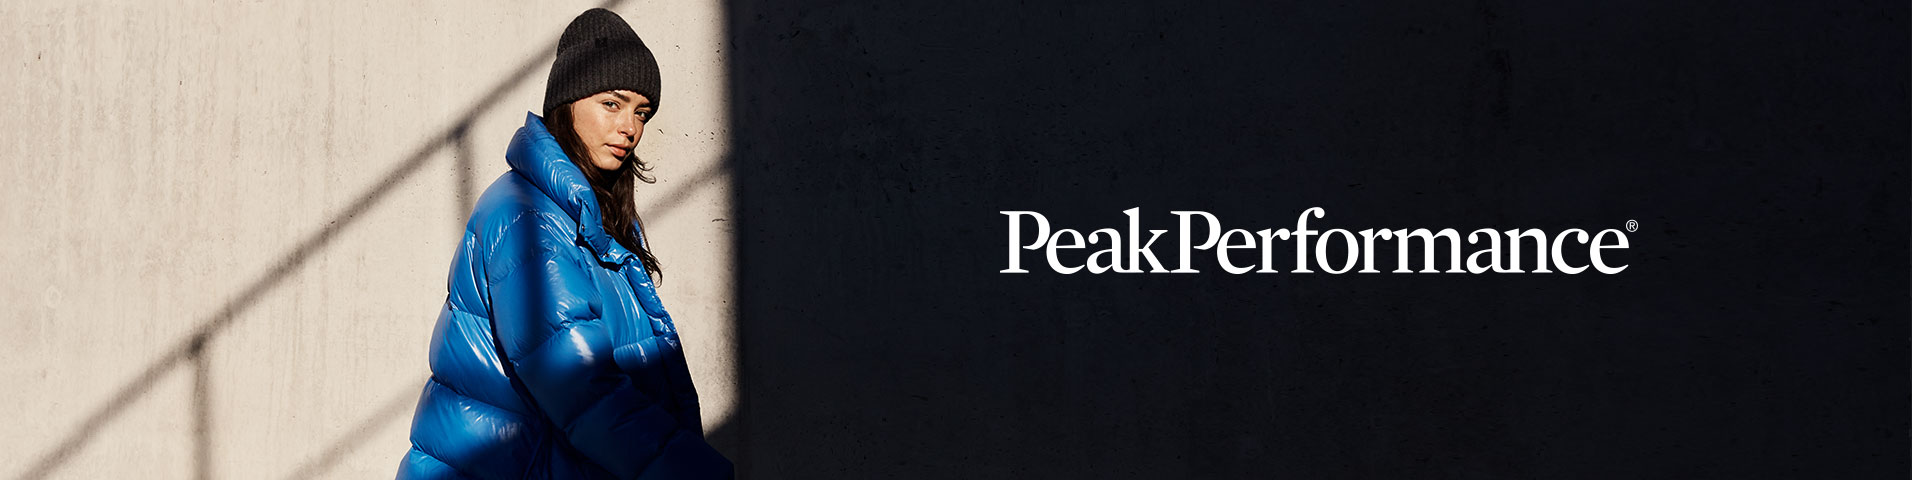 Collezione donna Peak Performance | Zalando